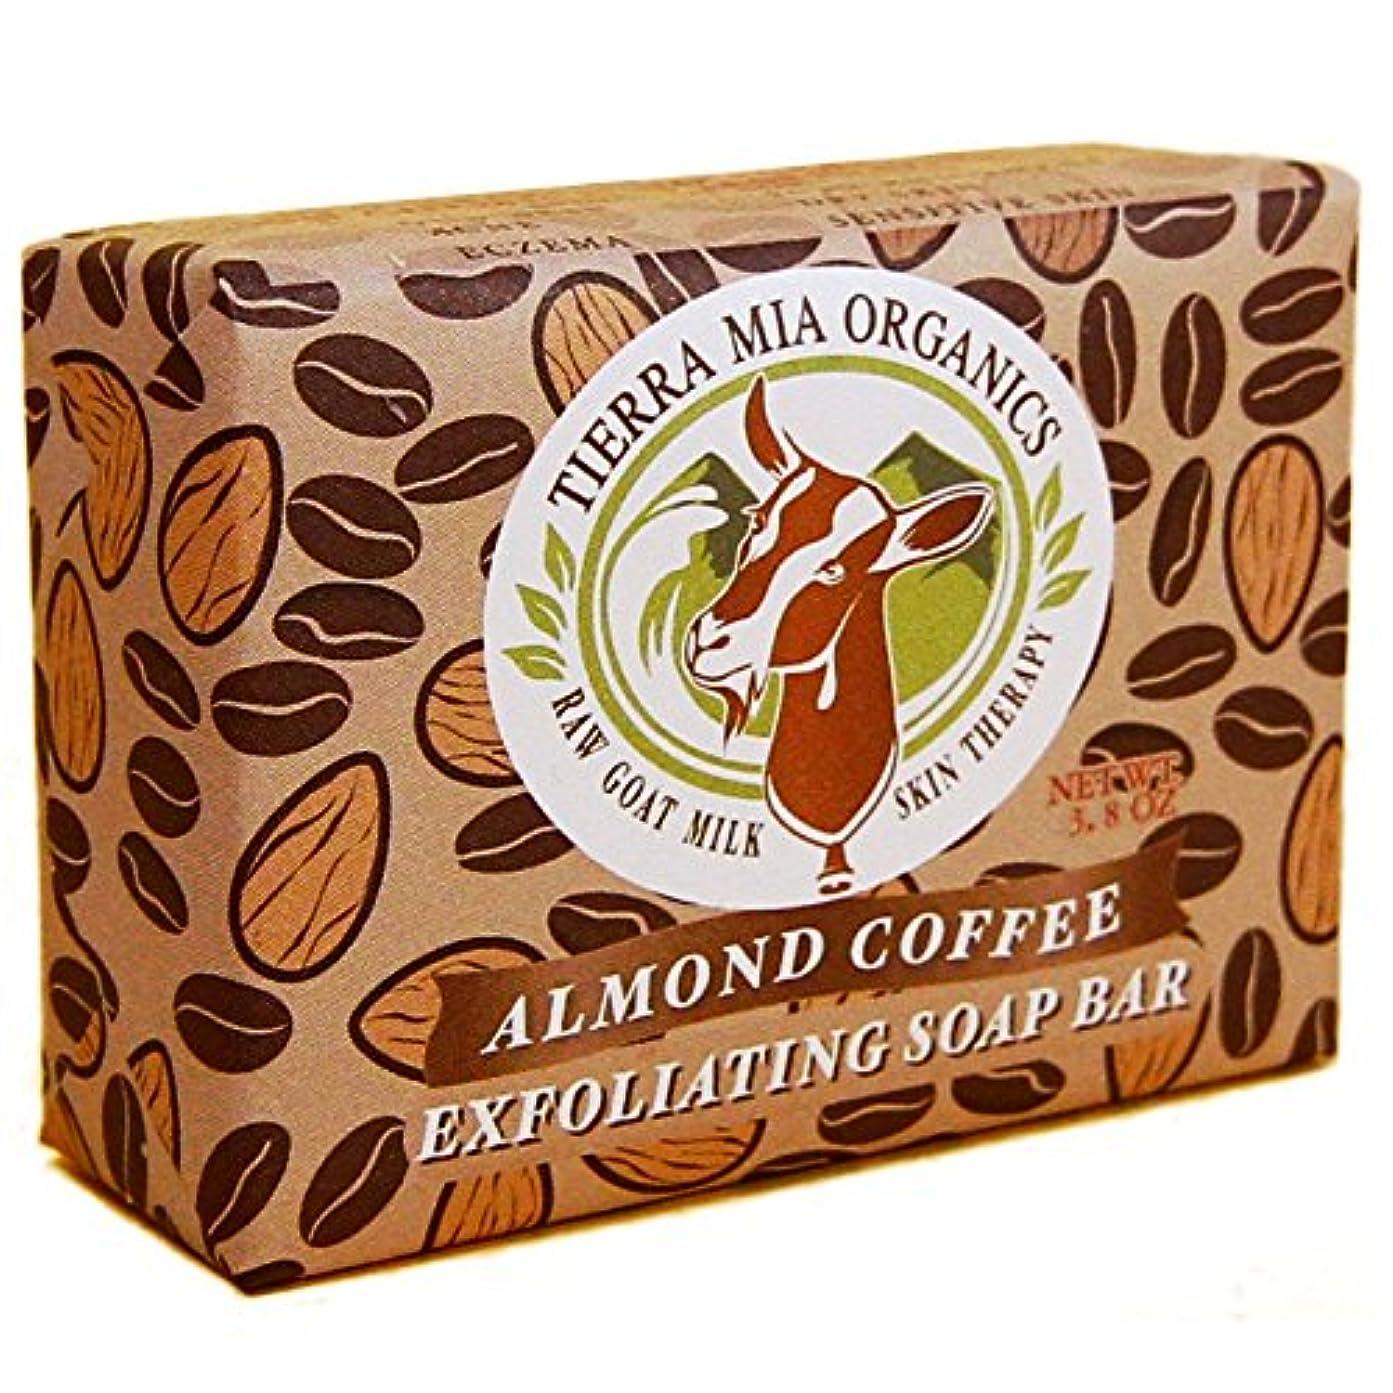 再生守る突破口Tierra Mia Organics, Raw Goat Milk Skin Therapy, Exfoliating Soap Bar, Almond Coffee, 3.8 oz